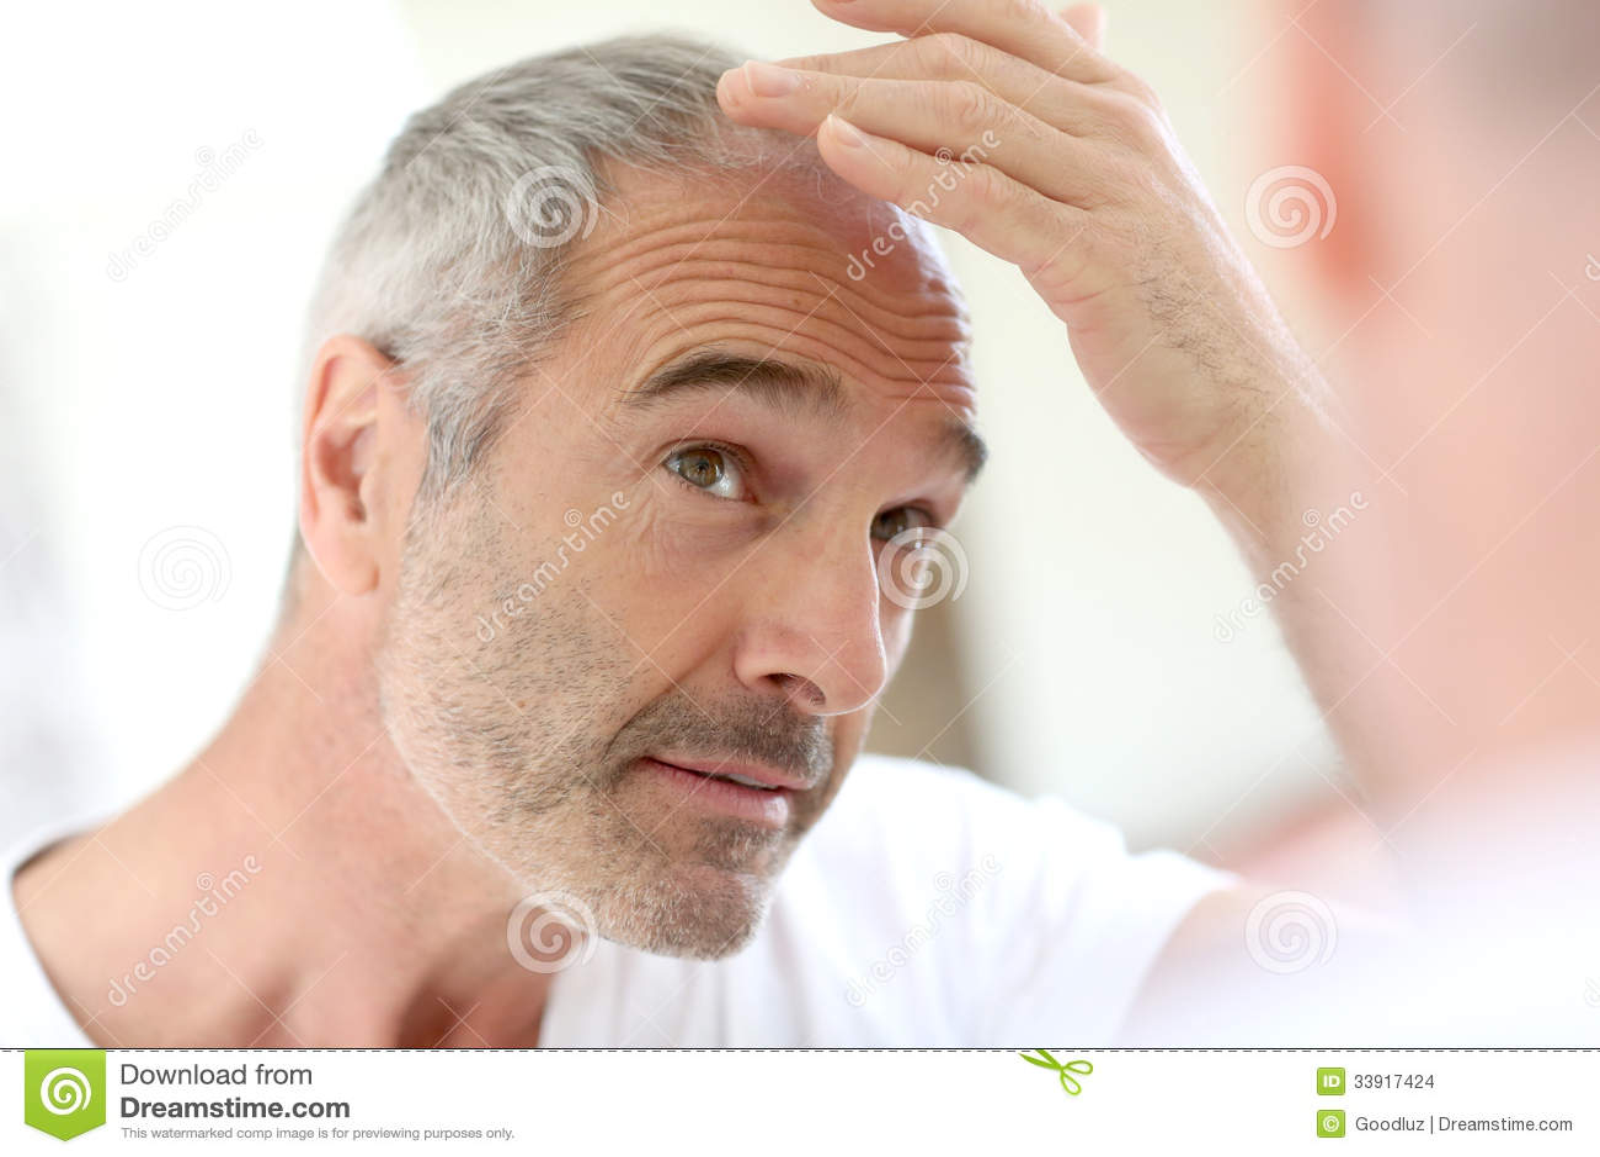 Maschera di bardana per punte secche di capelli